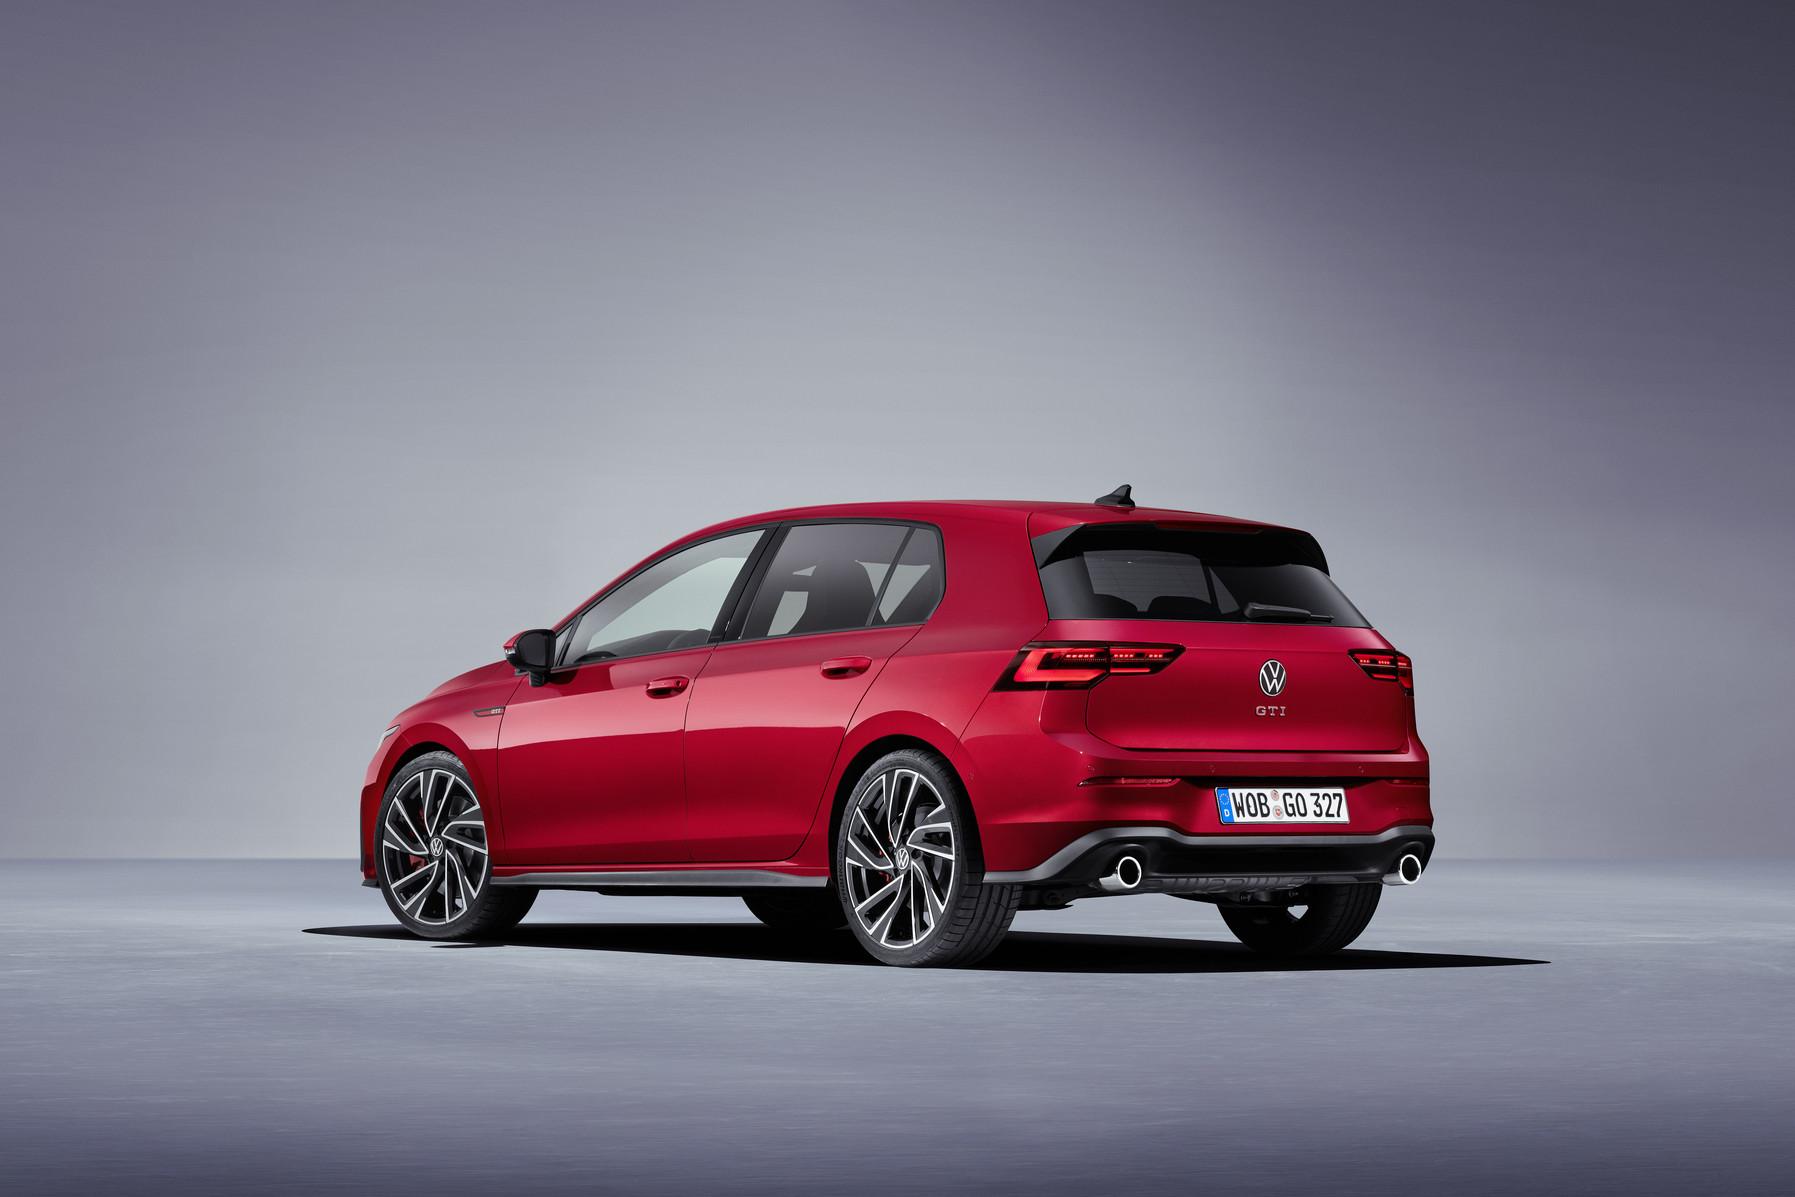 「フォルクスワーゲンが新型Golf GTI、GTE、GTDの3台を発表【新車】」の21枚目の画像